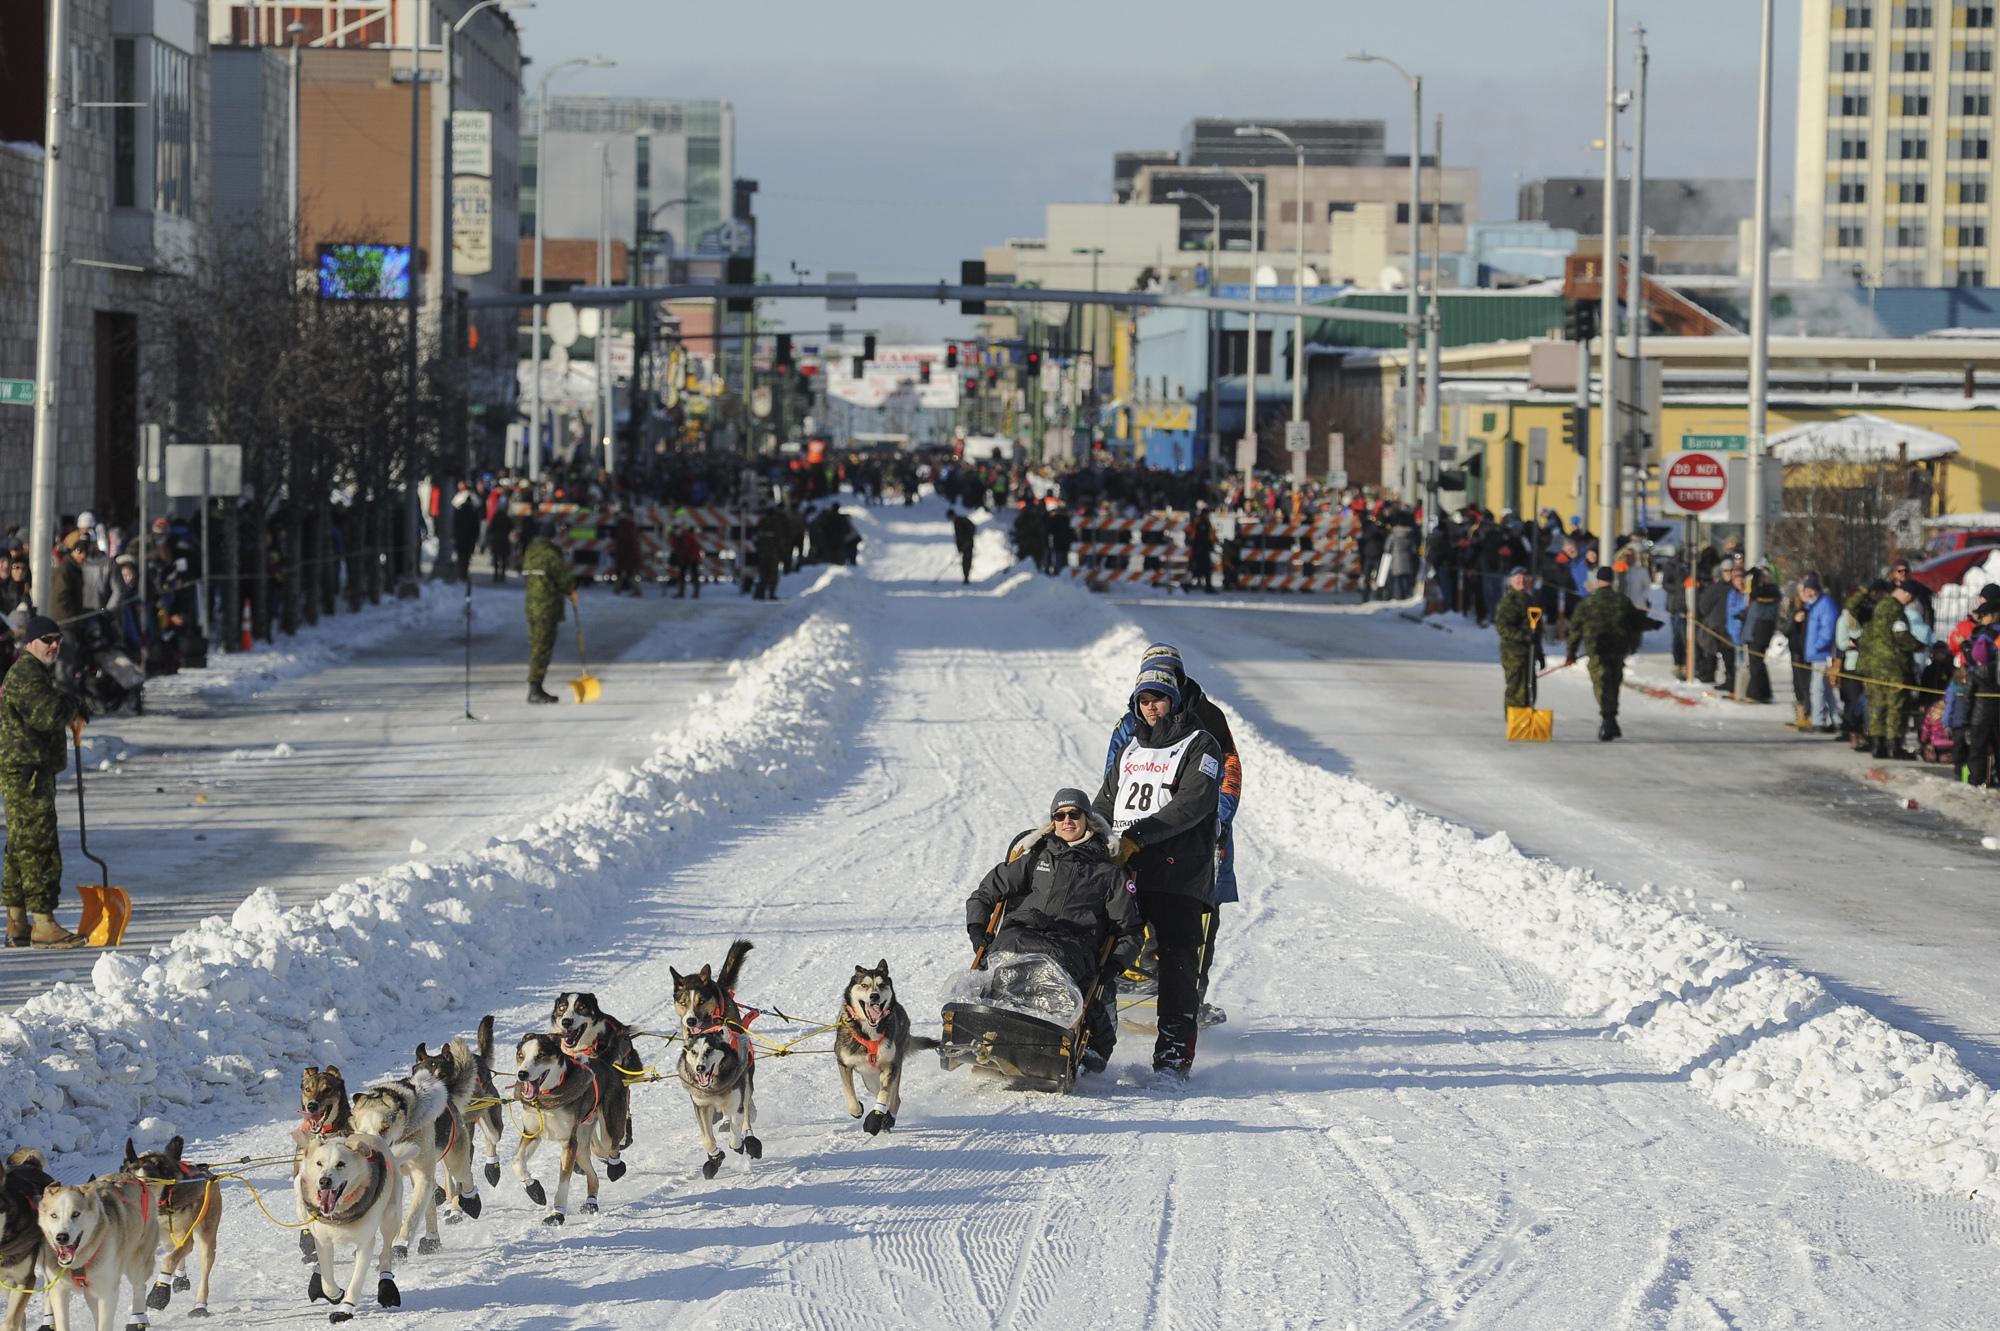 冬季雪橇犬比赛吸引大量游客(照片:美联社)